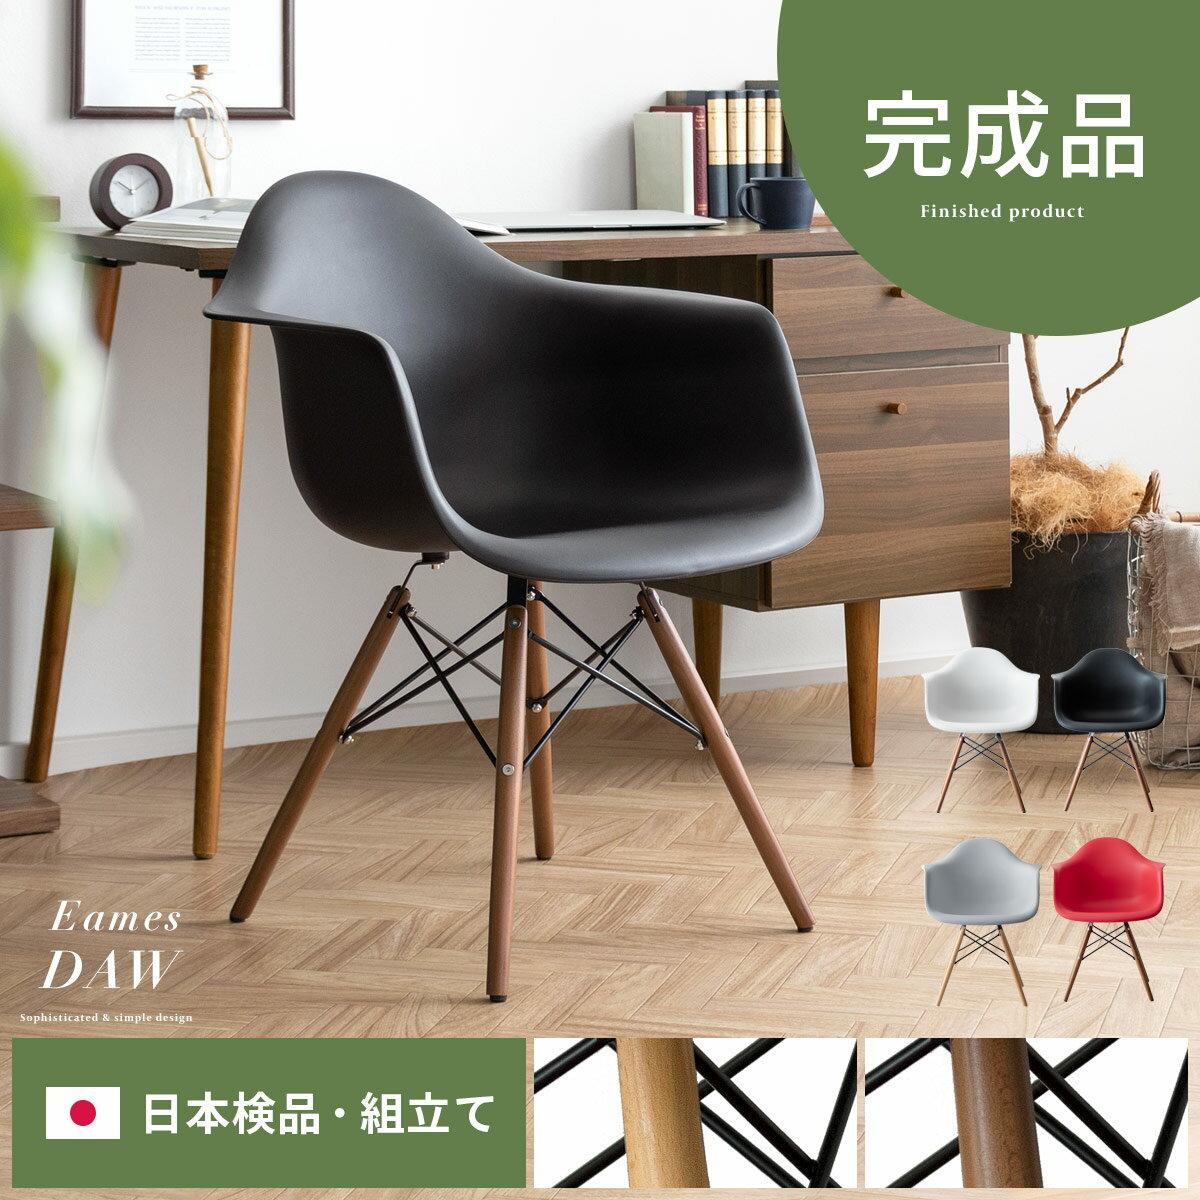 ダイニングチェア 完成品 肘付き 椅子 リビング ダイニング チェアー イス アームシェルチェア Eames DAW イームズ チェア テレワーク リプロダクト ジェネリック家具 おしゃれ かわいい カフェ風 Eames DAW ウッド脚デザイン イームズチェア